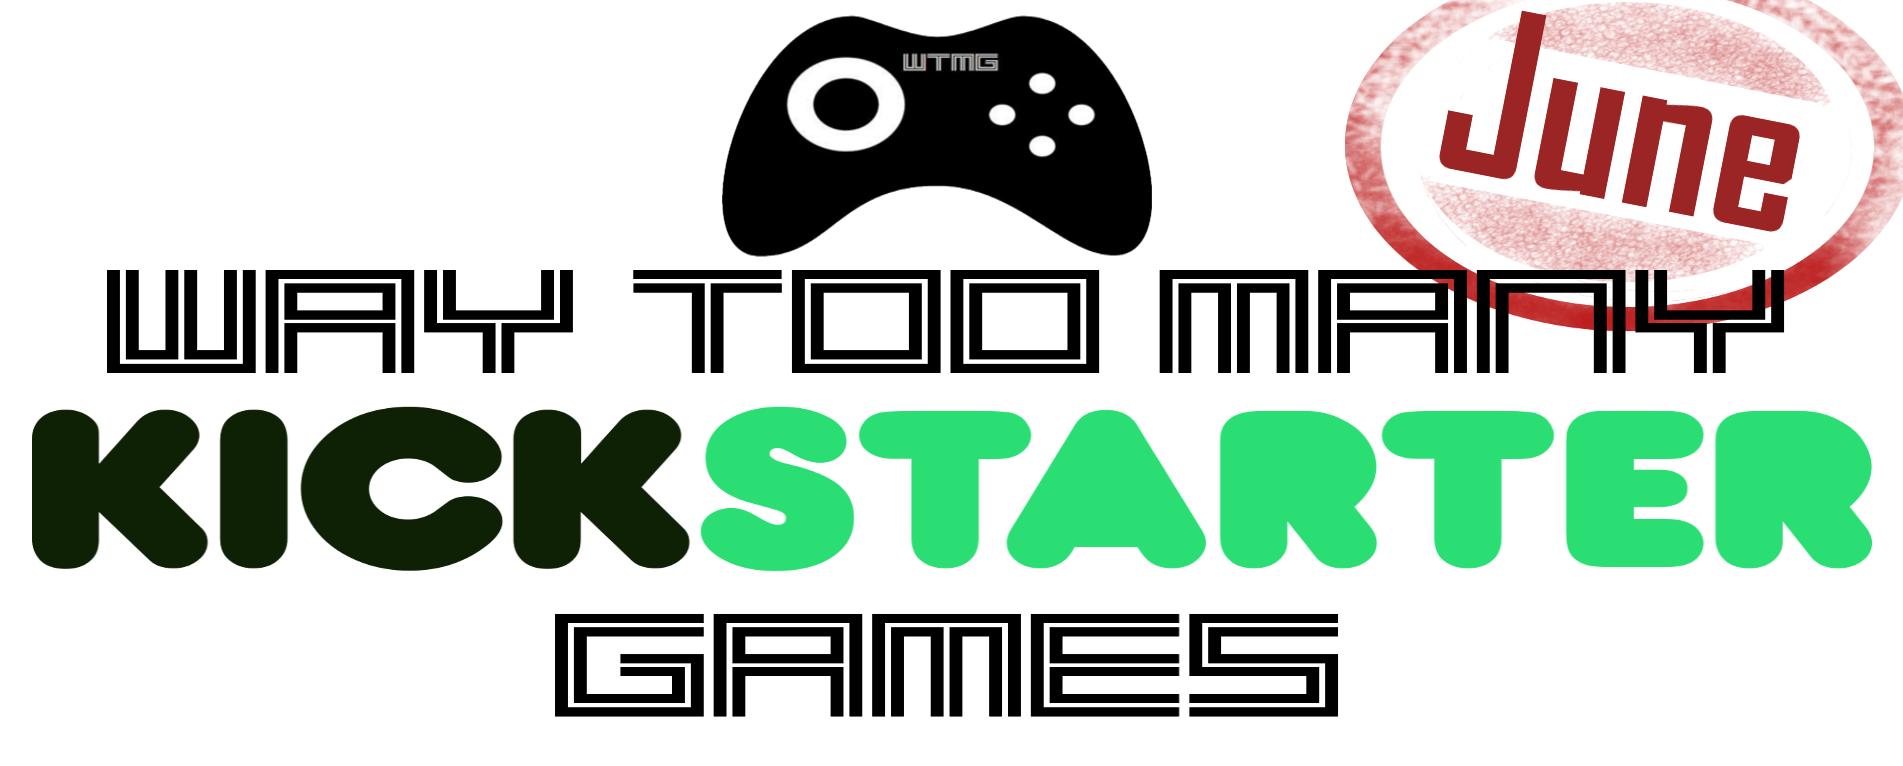 June '18 Kickstarter Round-Up